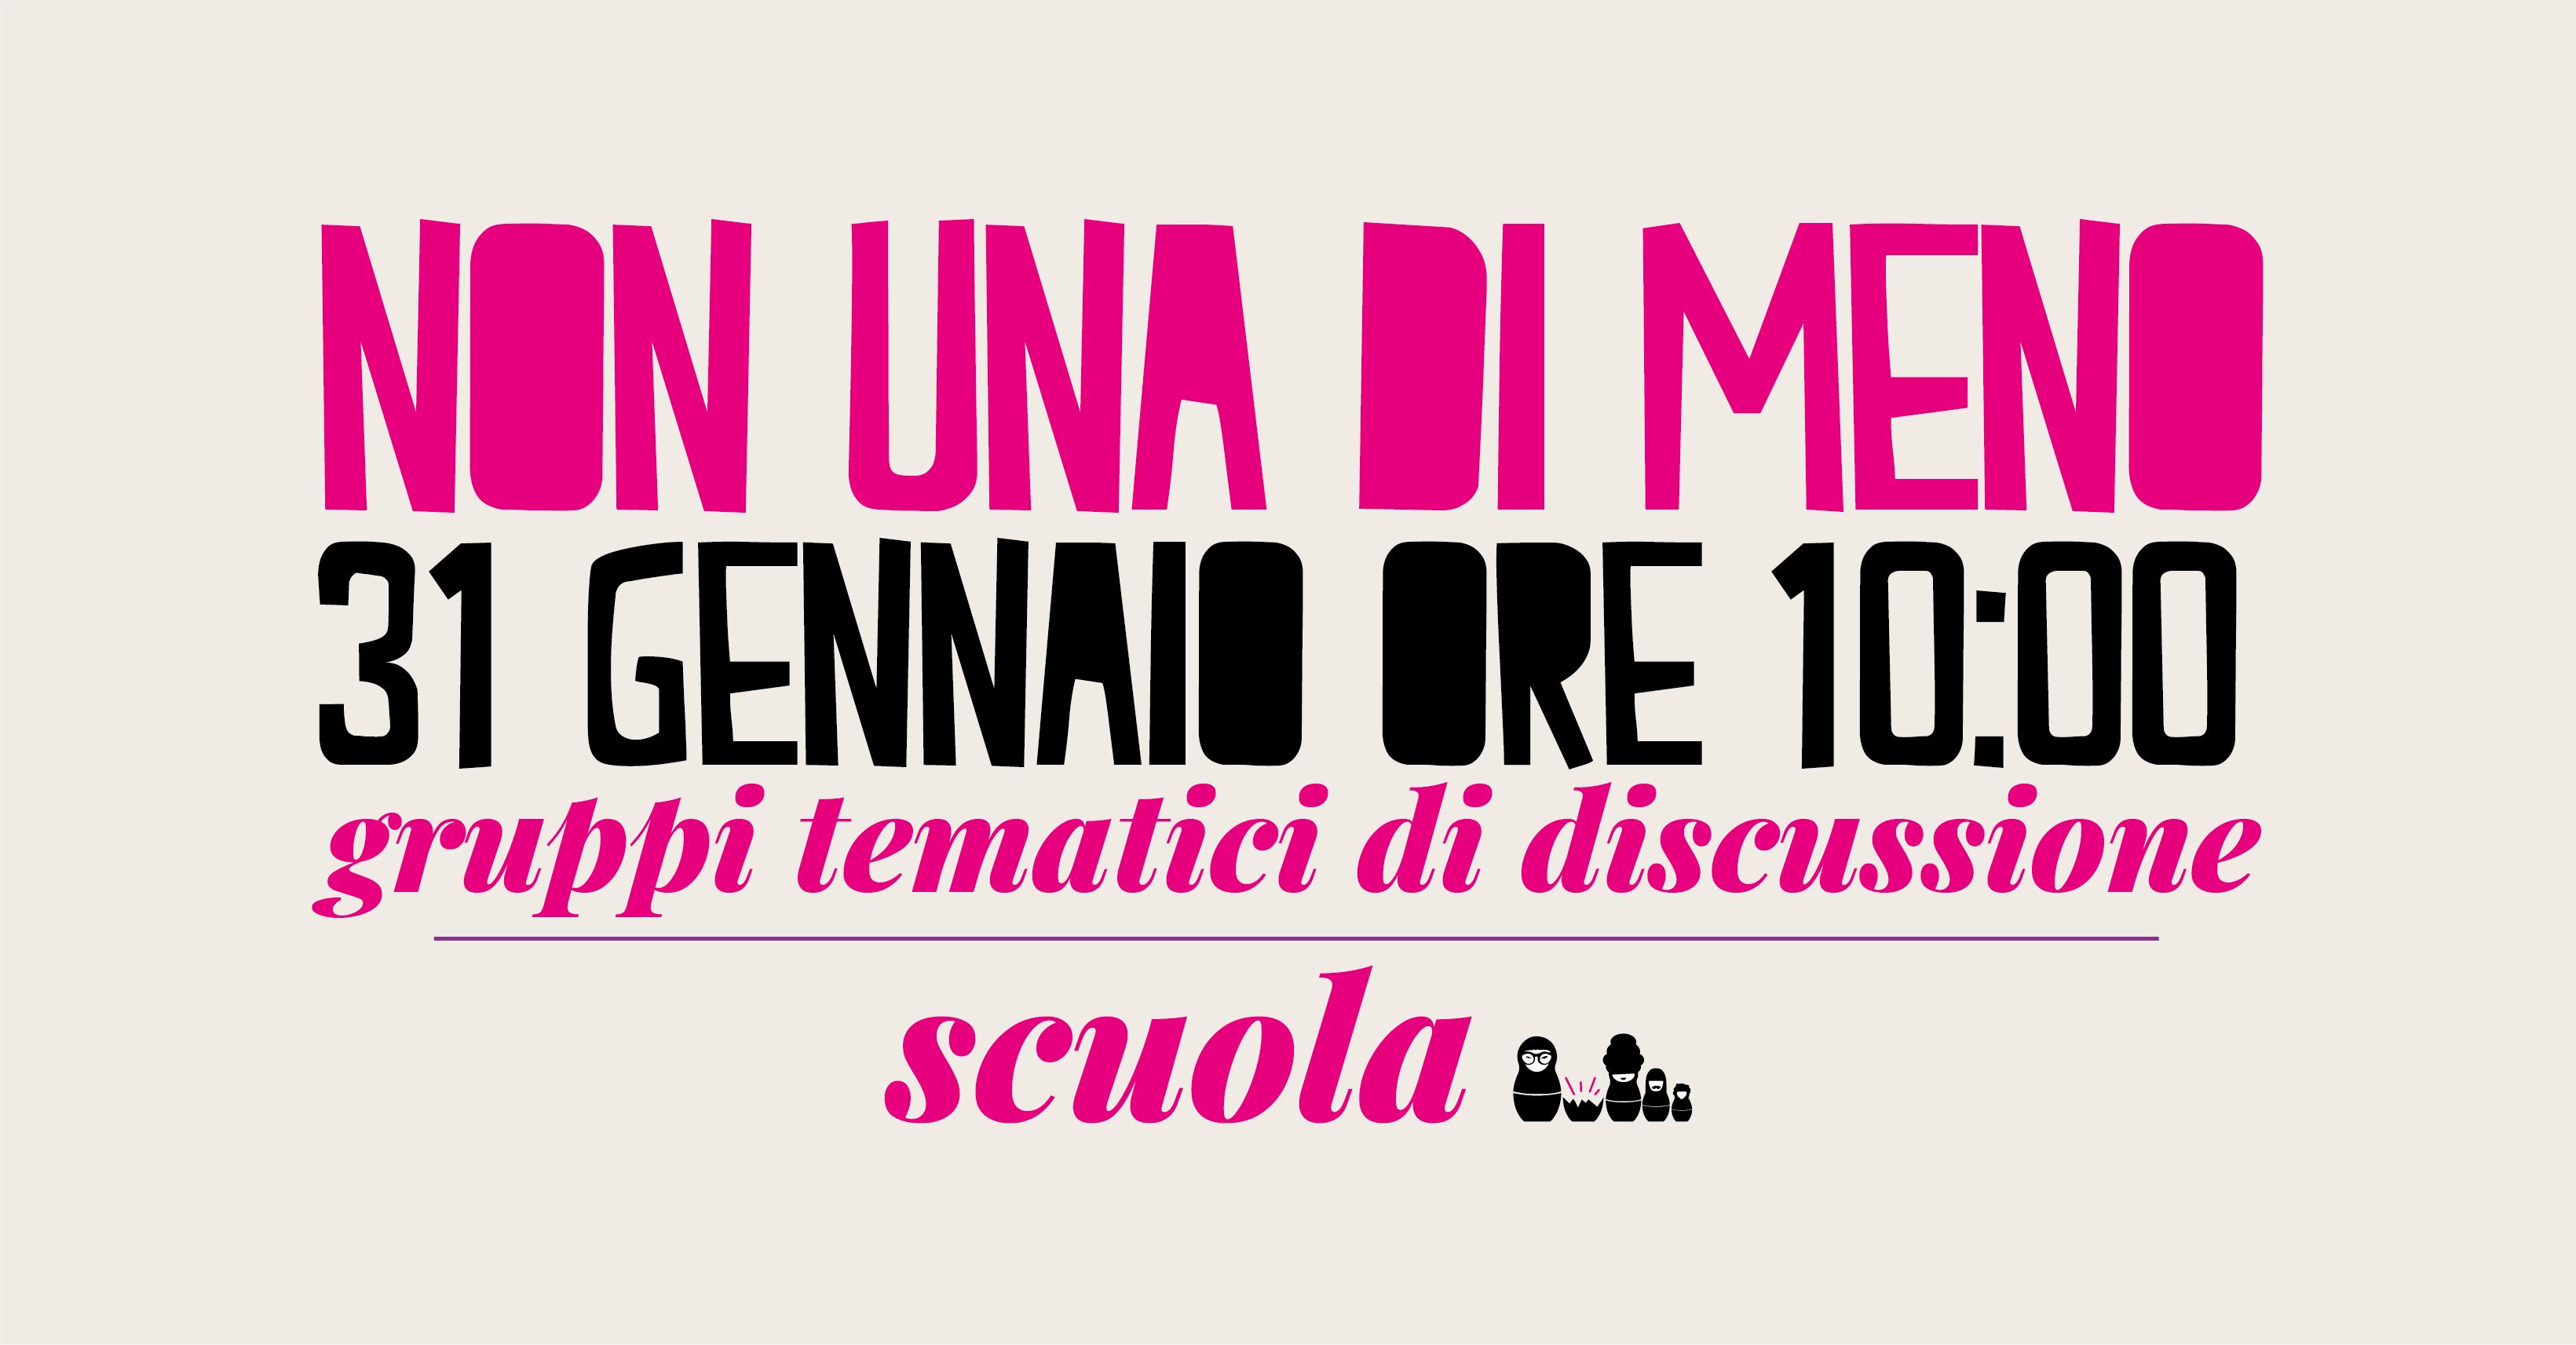 nudm_nazionale_tavolo_scuola_30-31_gen_2021_cover_pagina_fb@2x